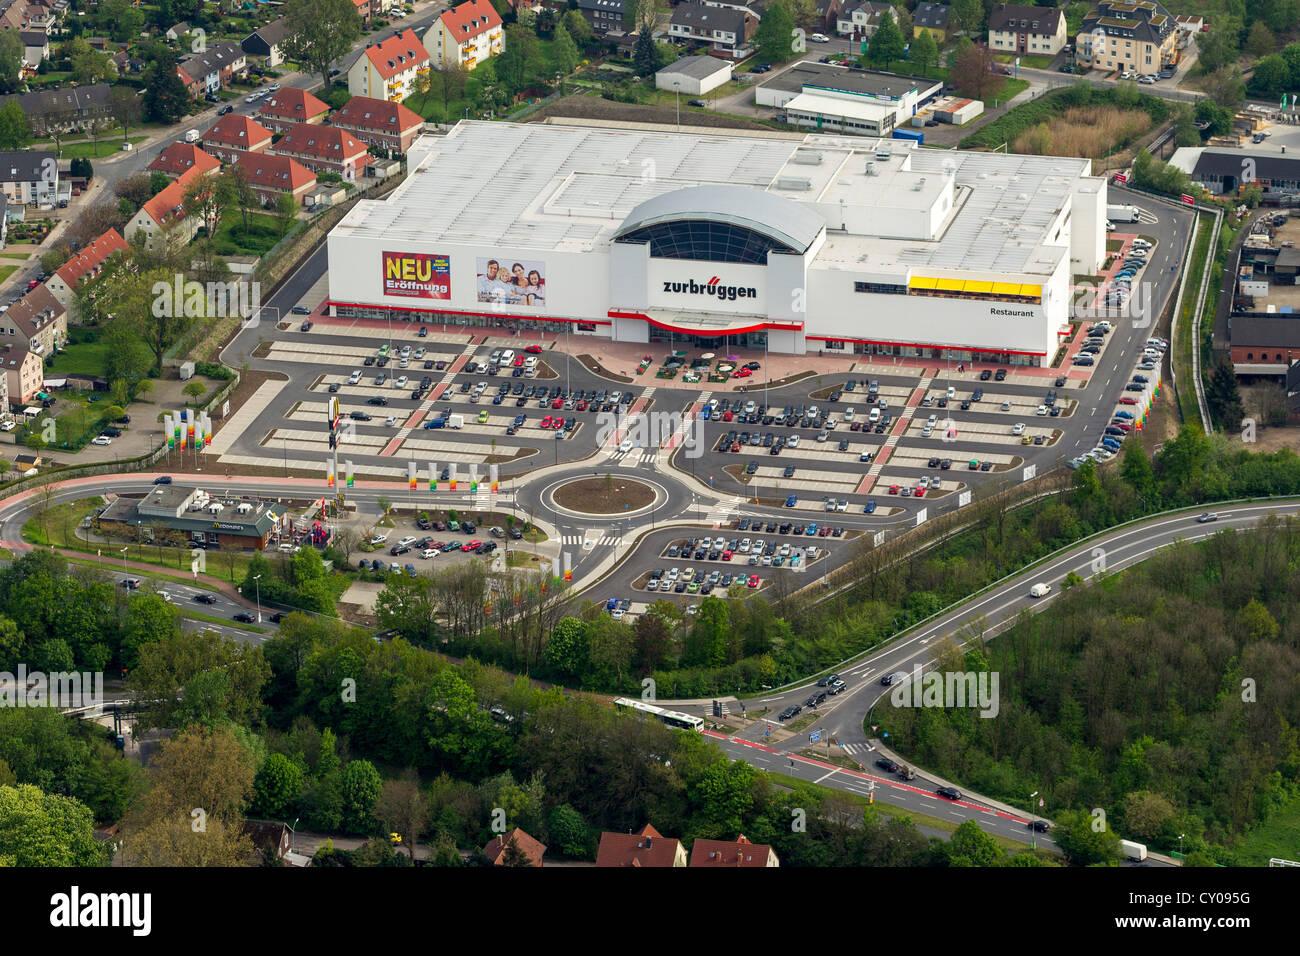 Luftbild Zurbrueggen Möbelhaus Herne Ruhrgebiet Nordrhein